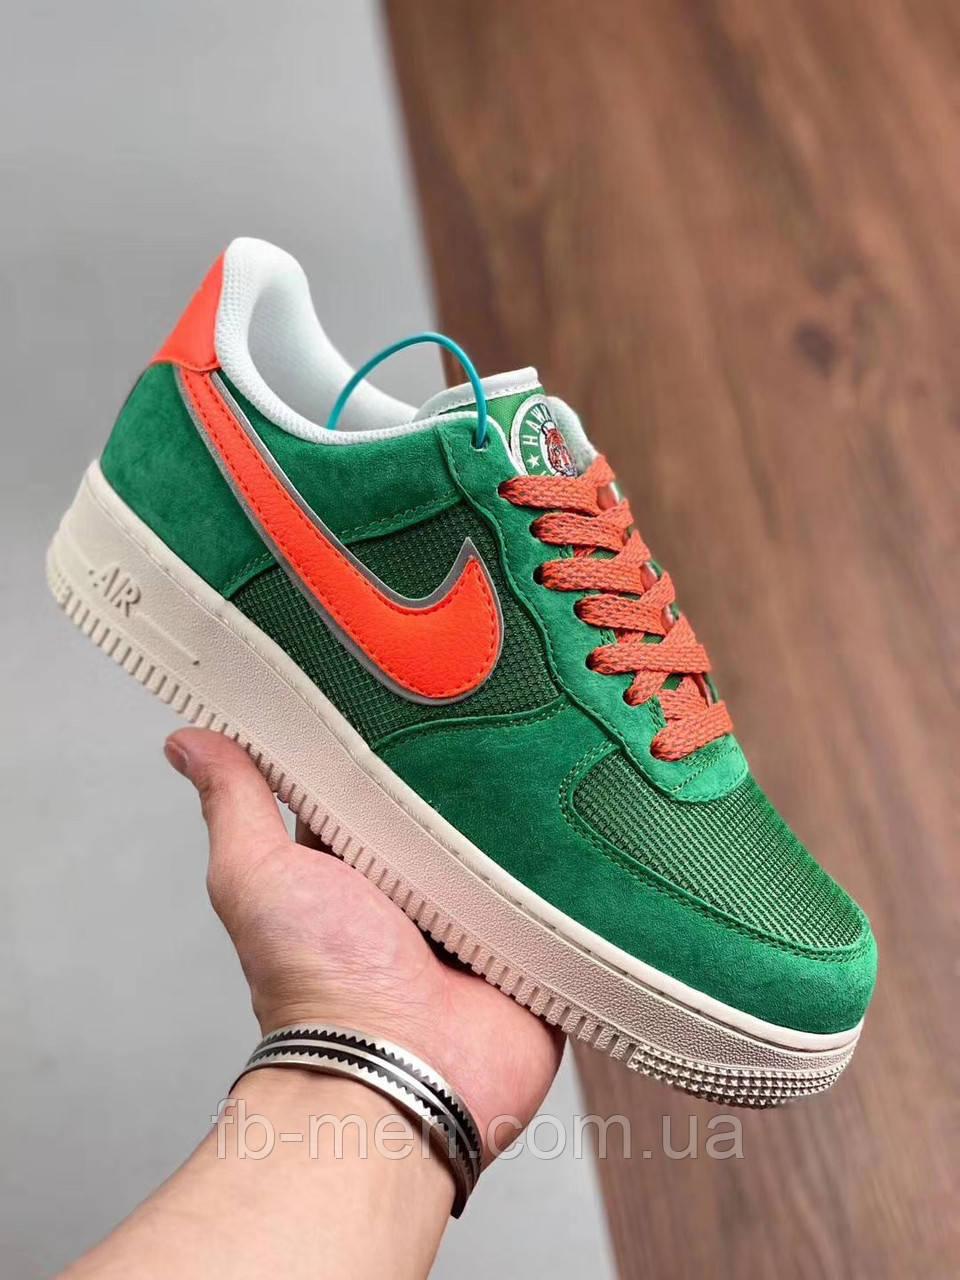 Кроссовки Nike зеленого цвета замшевые